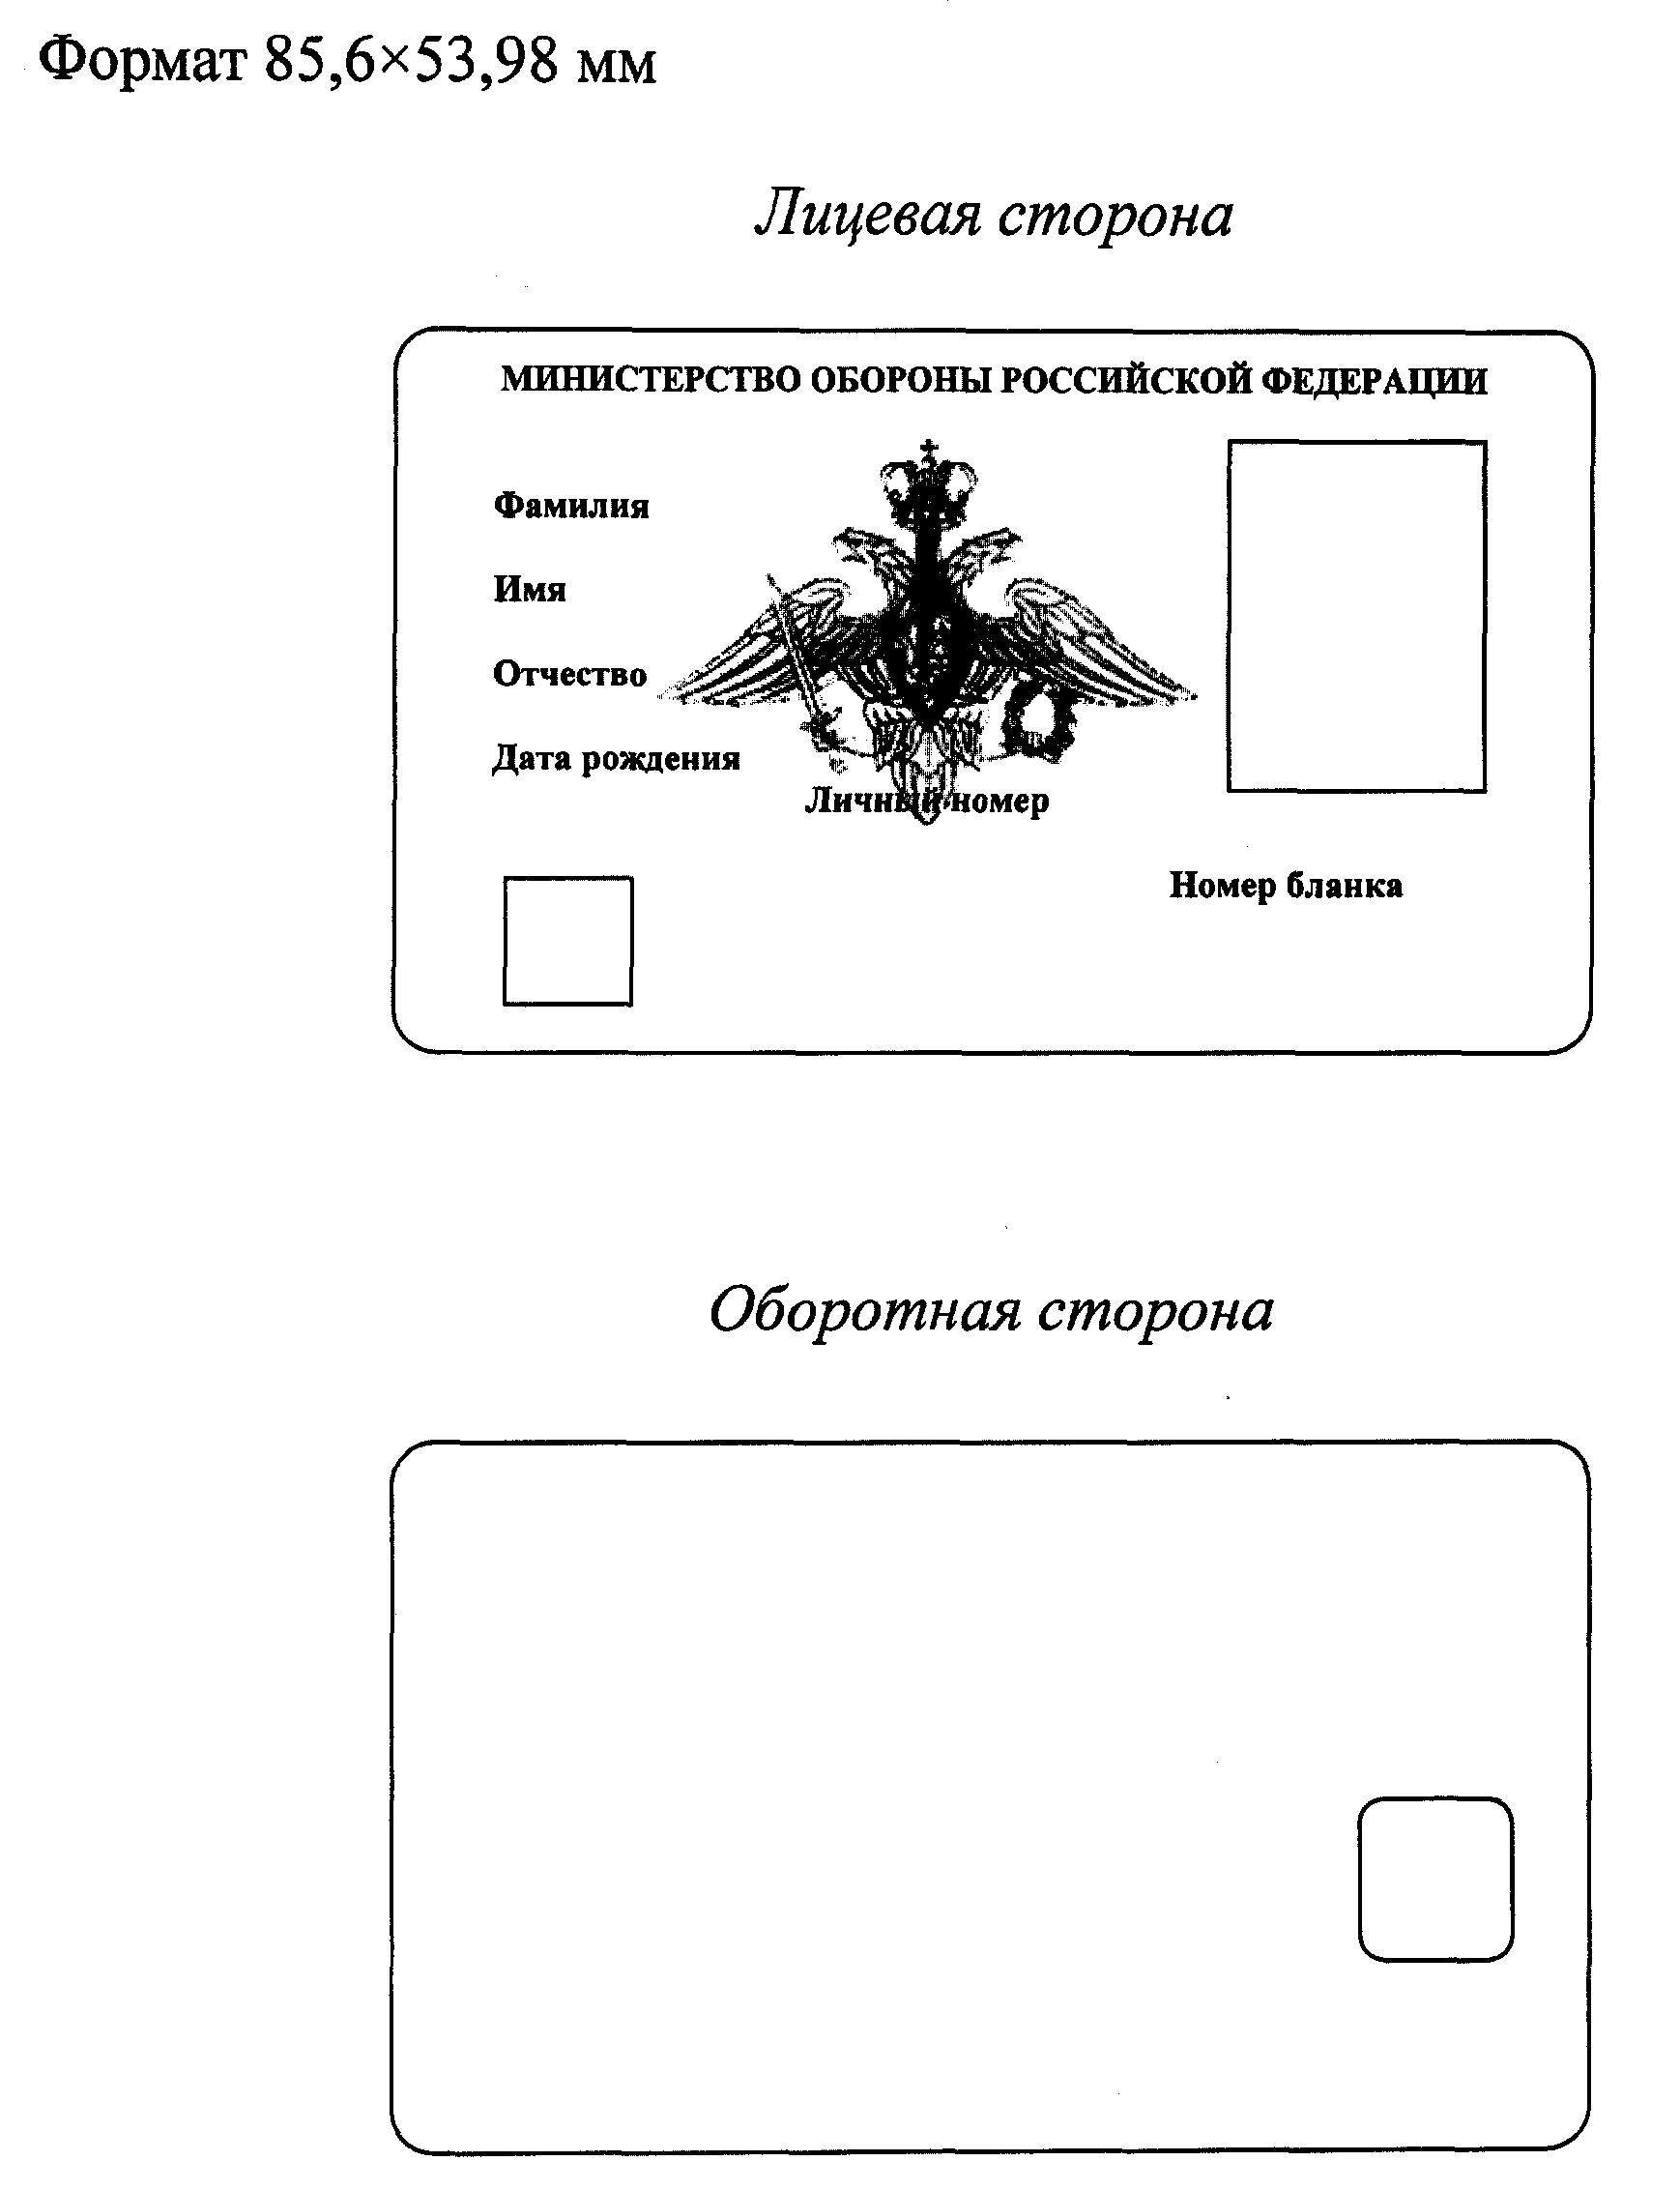 Инструкция по обеспечению функционирования системы воинского учета граждан российской федерации